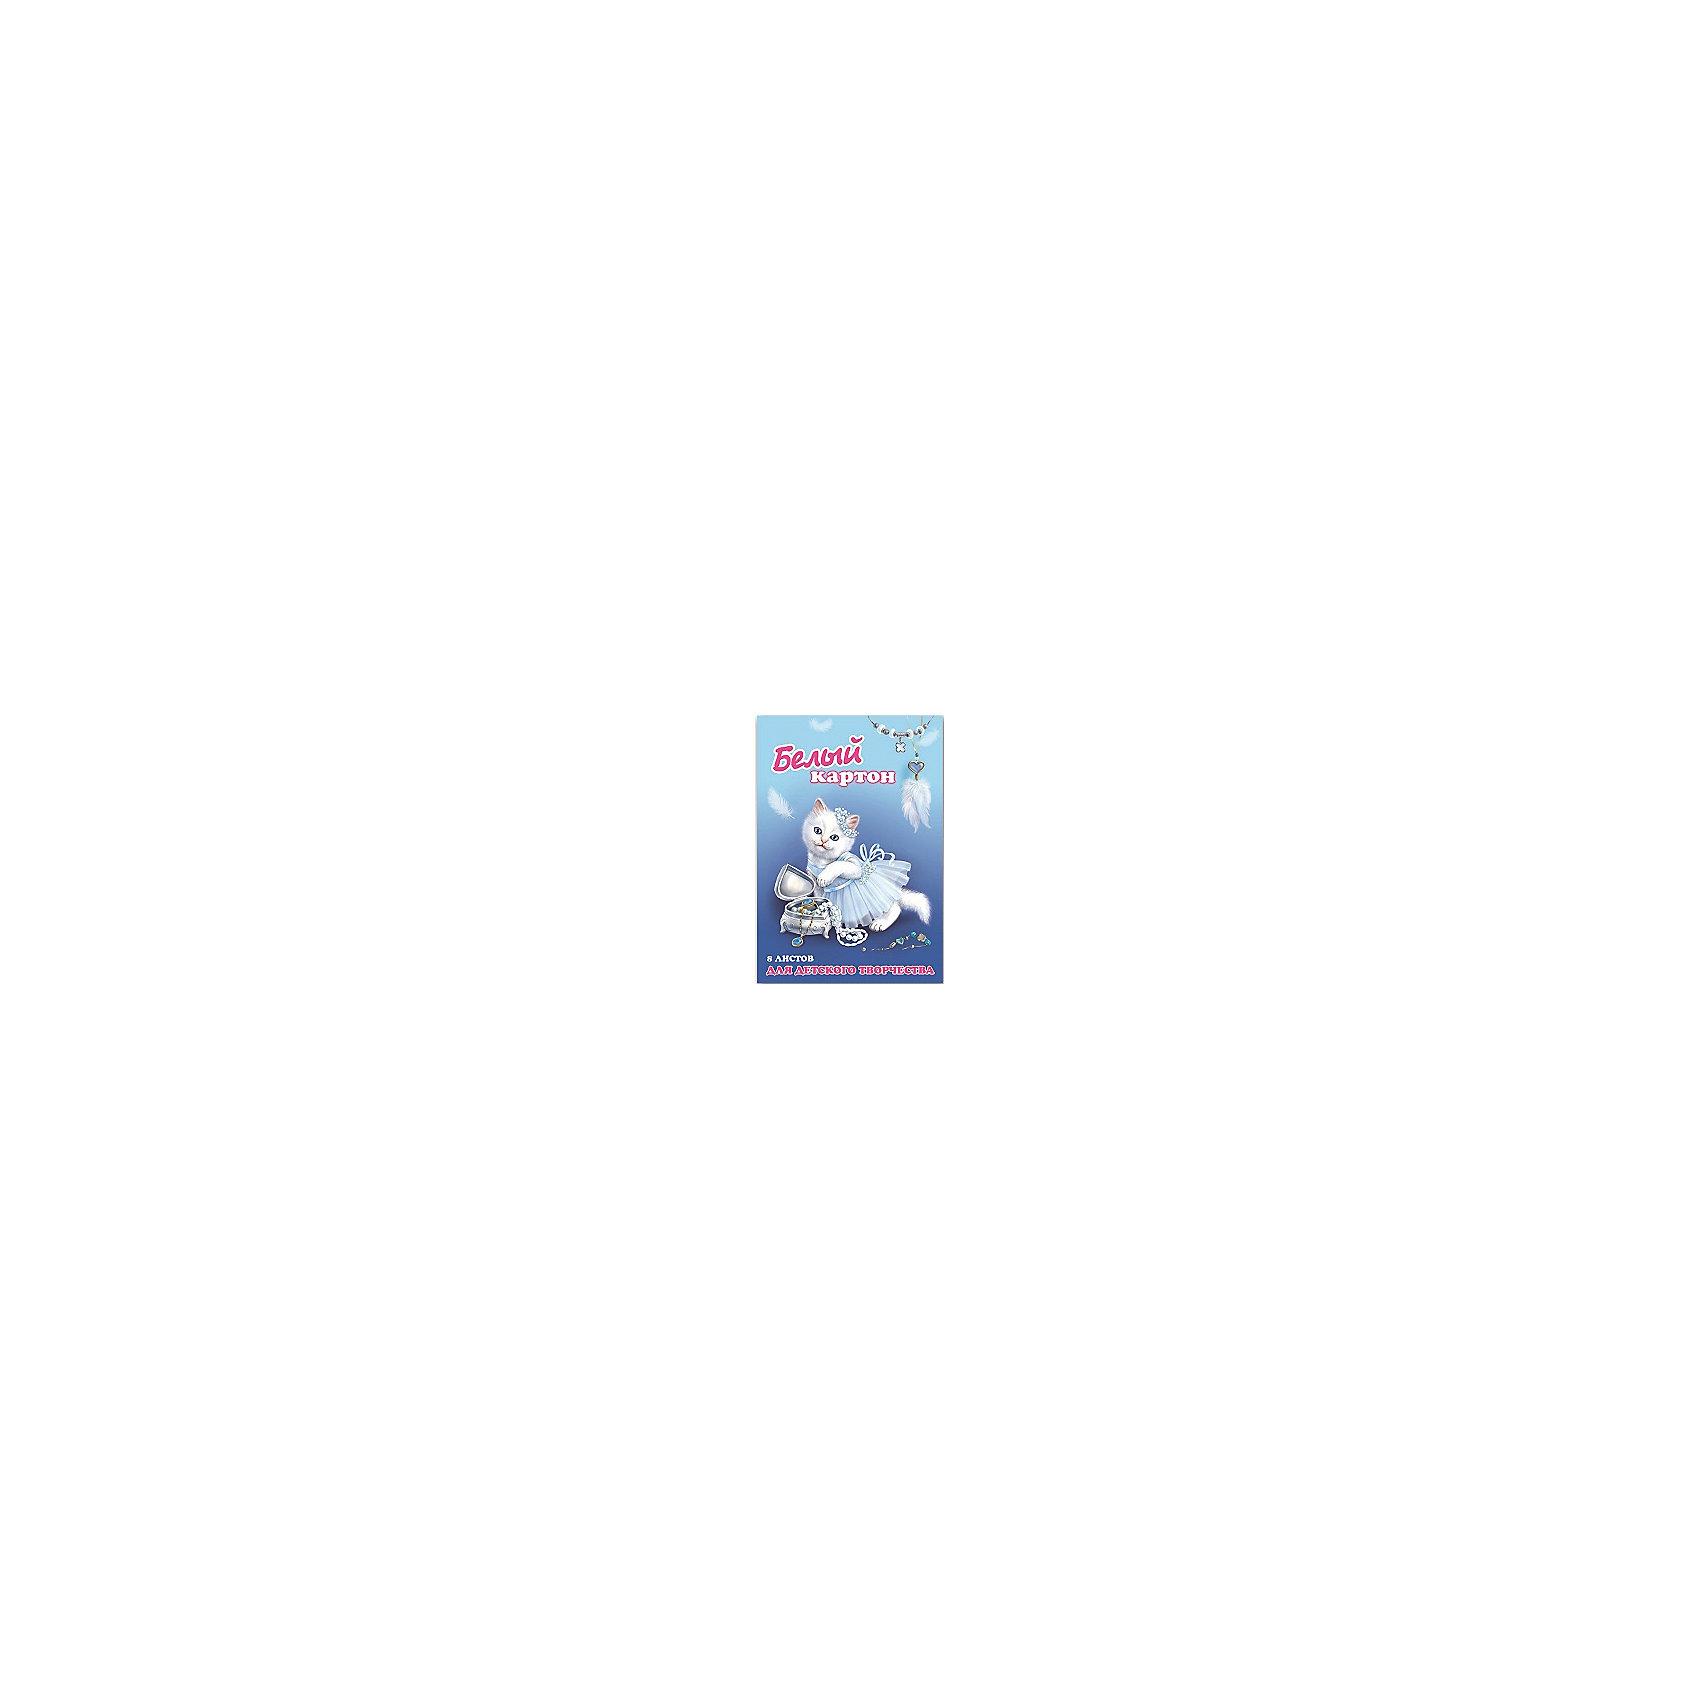 Феникс+ Белый картон Кошка-модница, 8 л купить бурманская кошка в омске